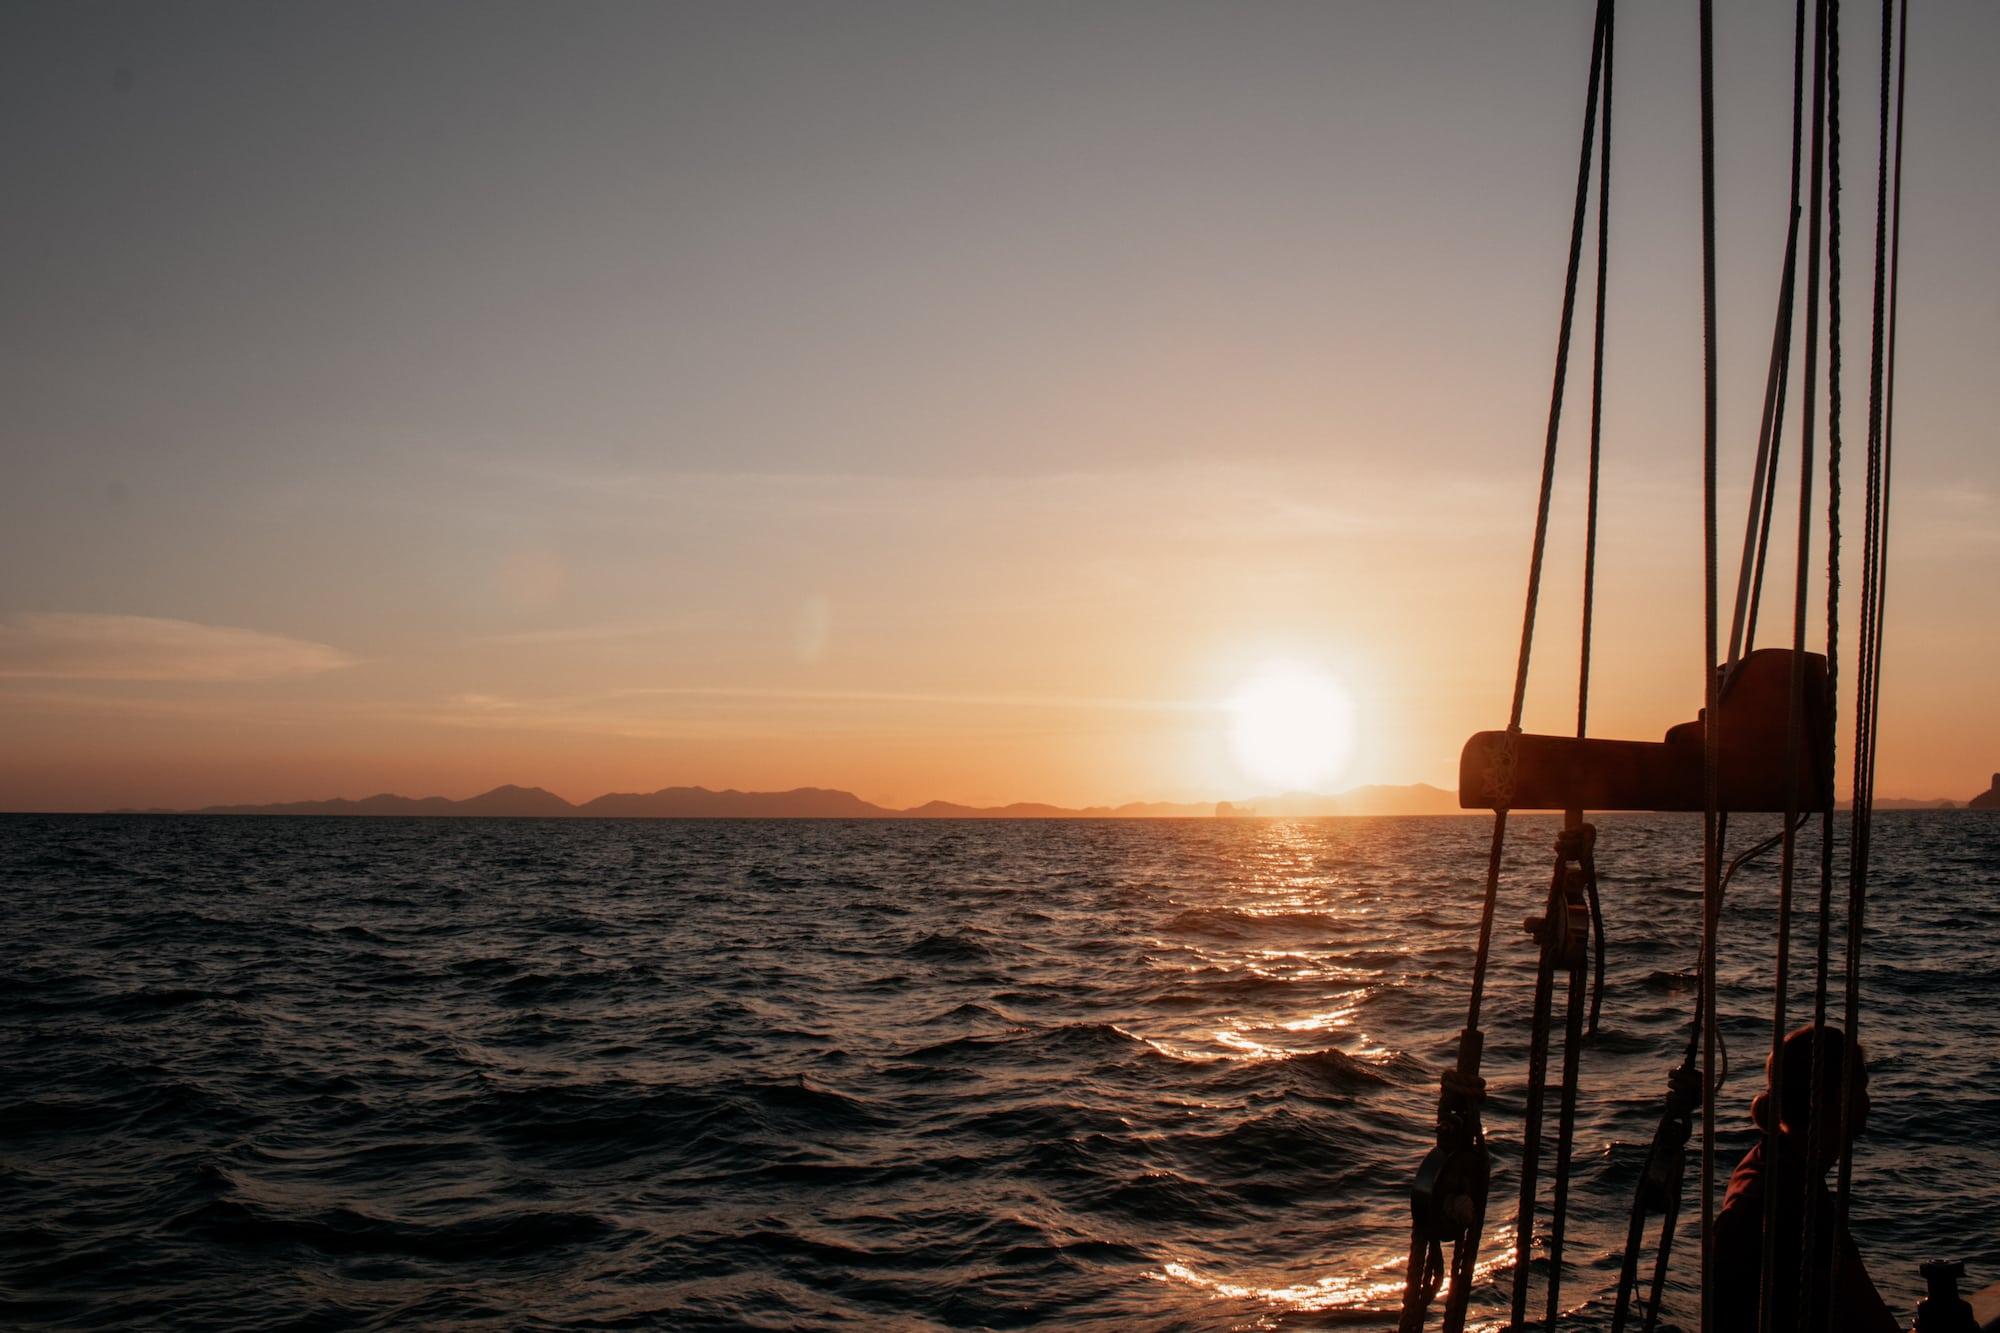 sunset törn segelschiff thailand